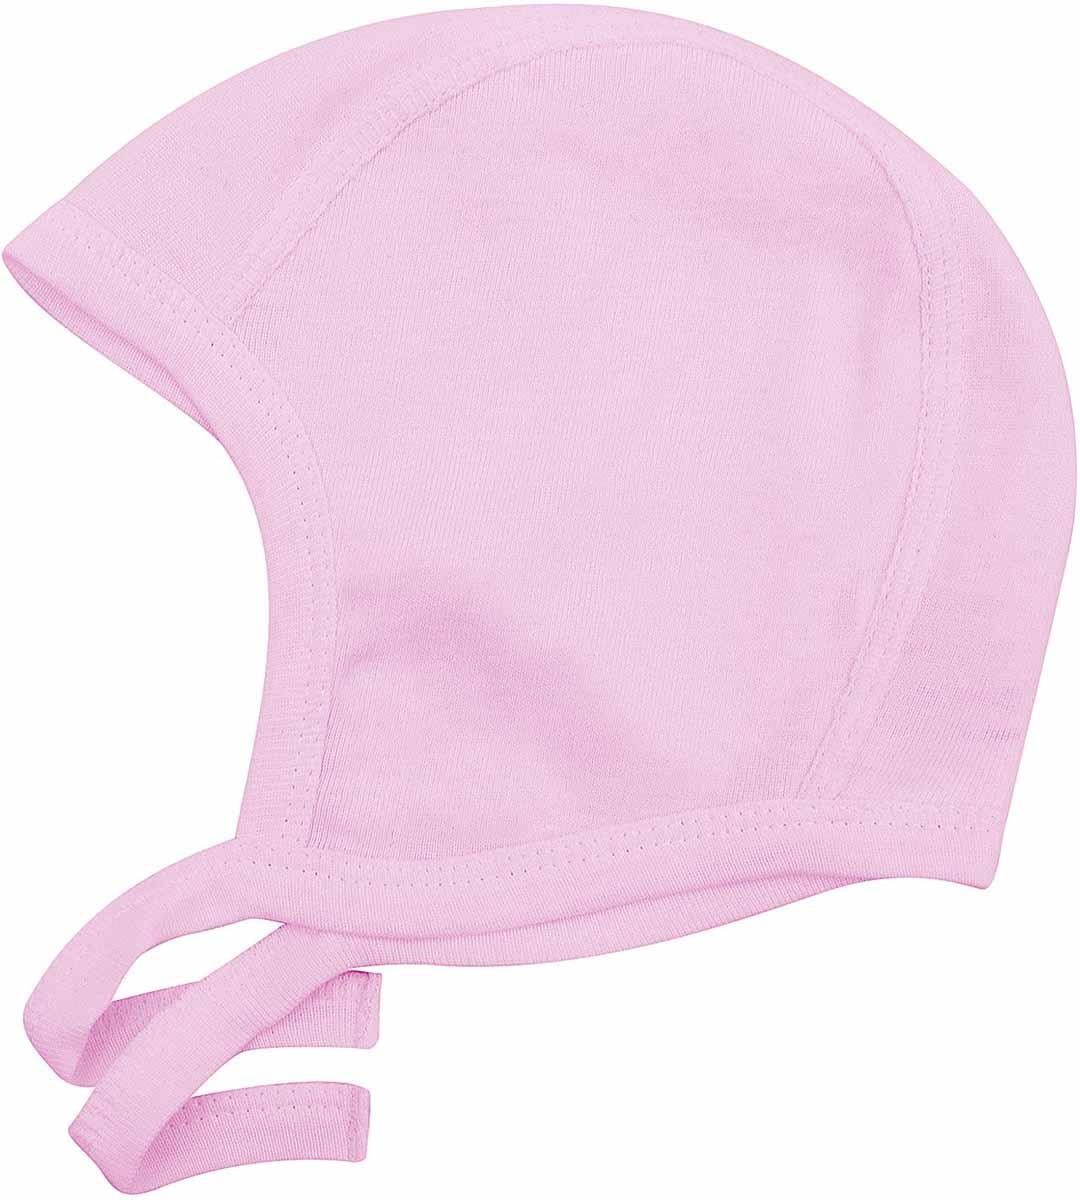 Чепчик для девочек Axiome De Mode, цвет: розовый. 16-8002. Размер 4816-8002